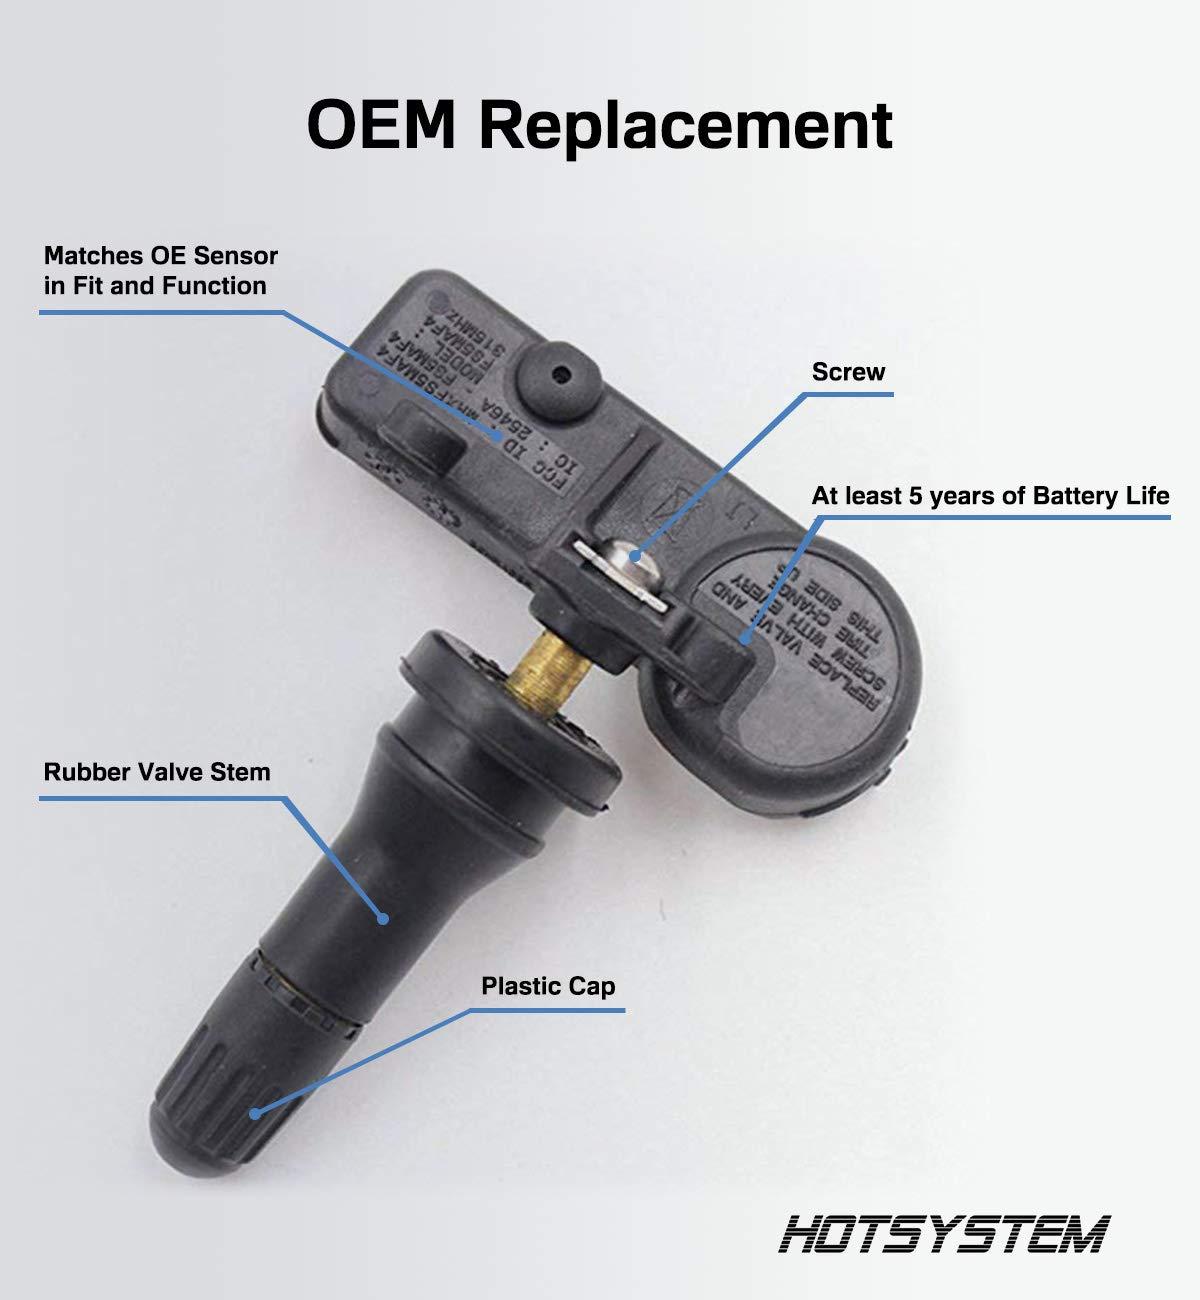 2006 2007 2008 Sedona TPMS Tire Pressure Sensors OEM Replacement 4